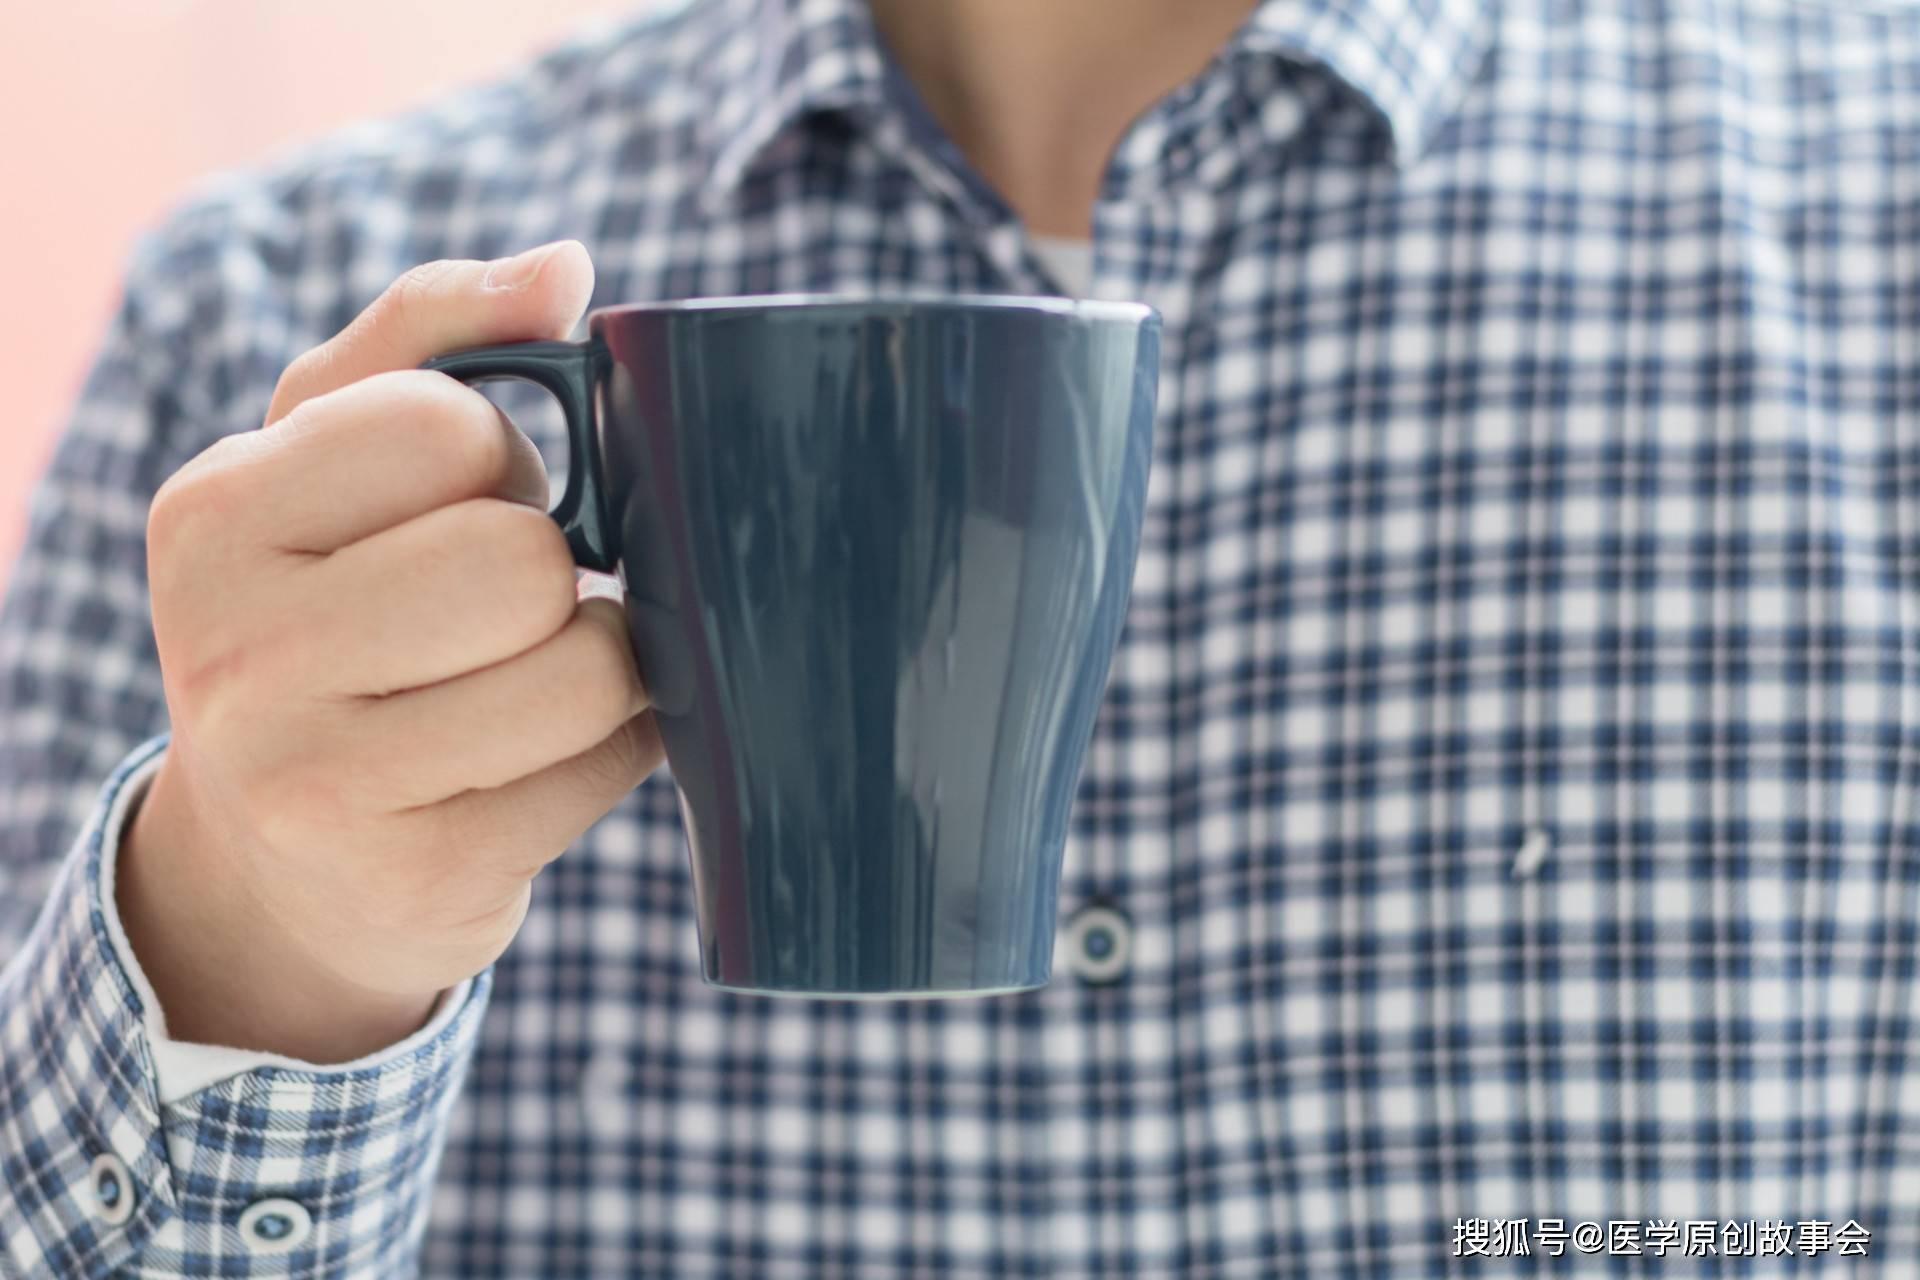 原创寿命长的男人,喝水常有五个共性,若你五个都有,恭喜很健康